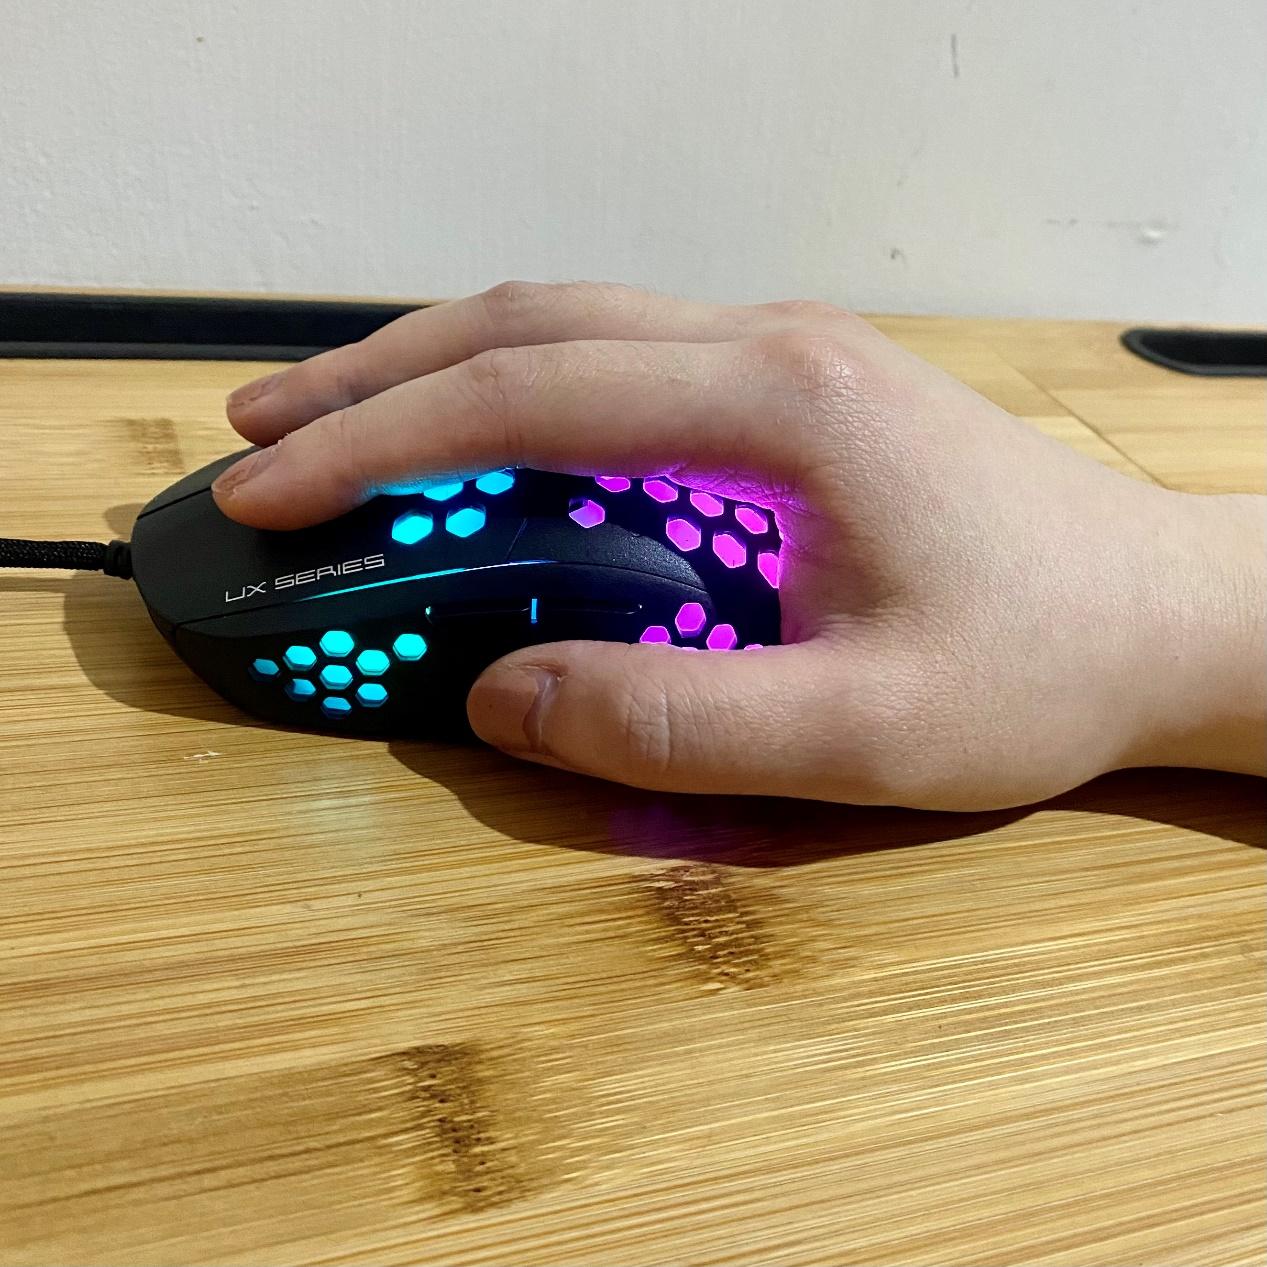 FANTECH UX2 HIVE 電競滑鼠